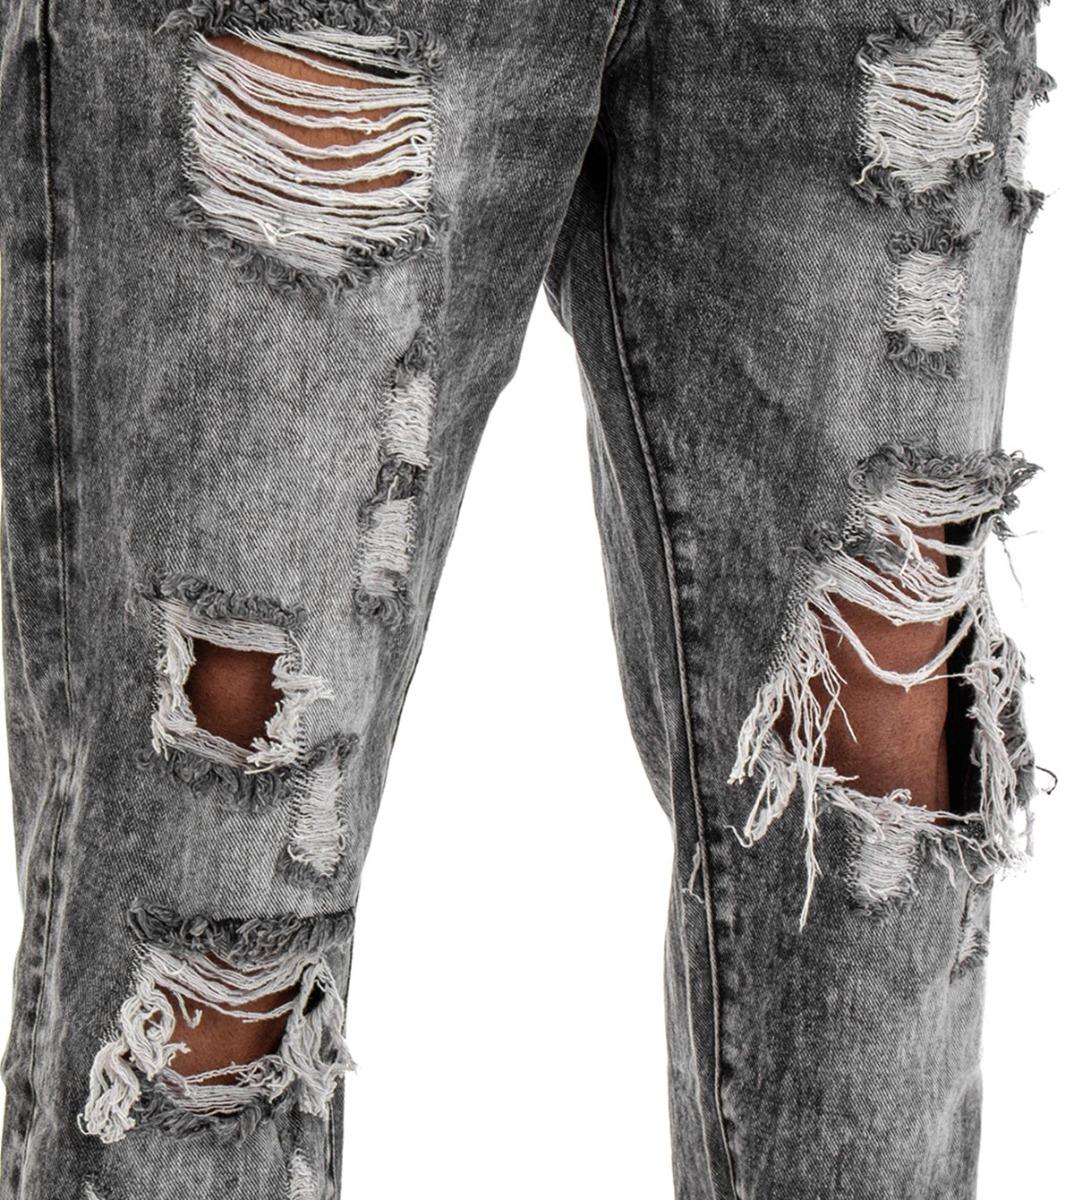 Pantalone-Uomo-Jeans-Grigio-Cinque-Tasche-Rotture-Cavallo-Basso-Strappato-Reg miniatura 11